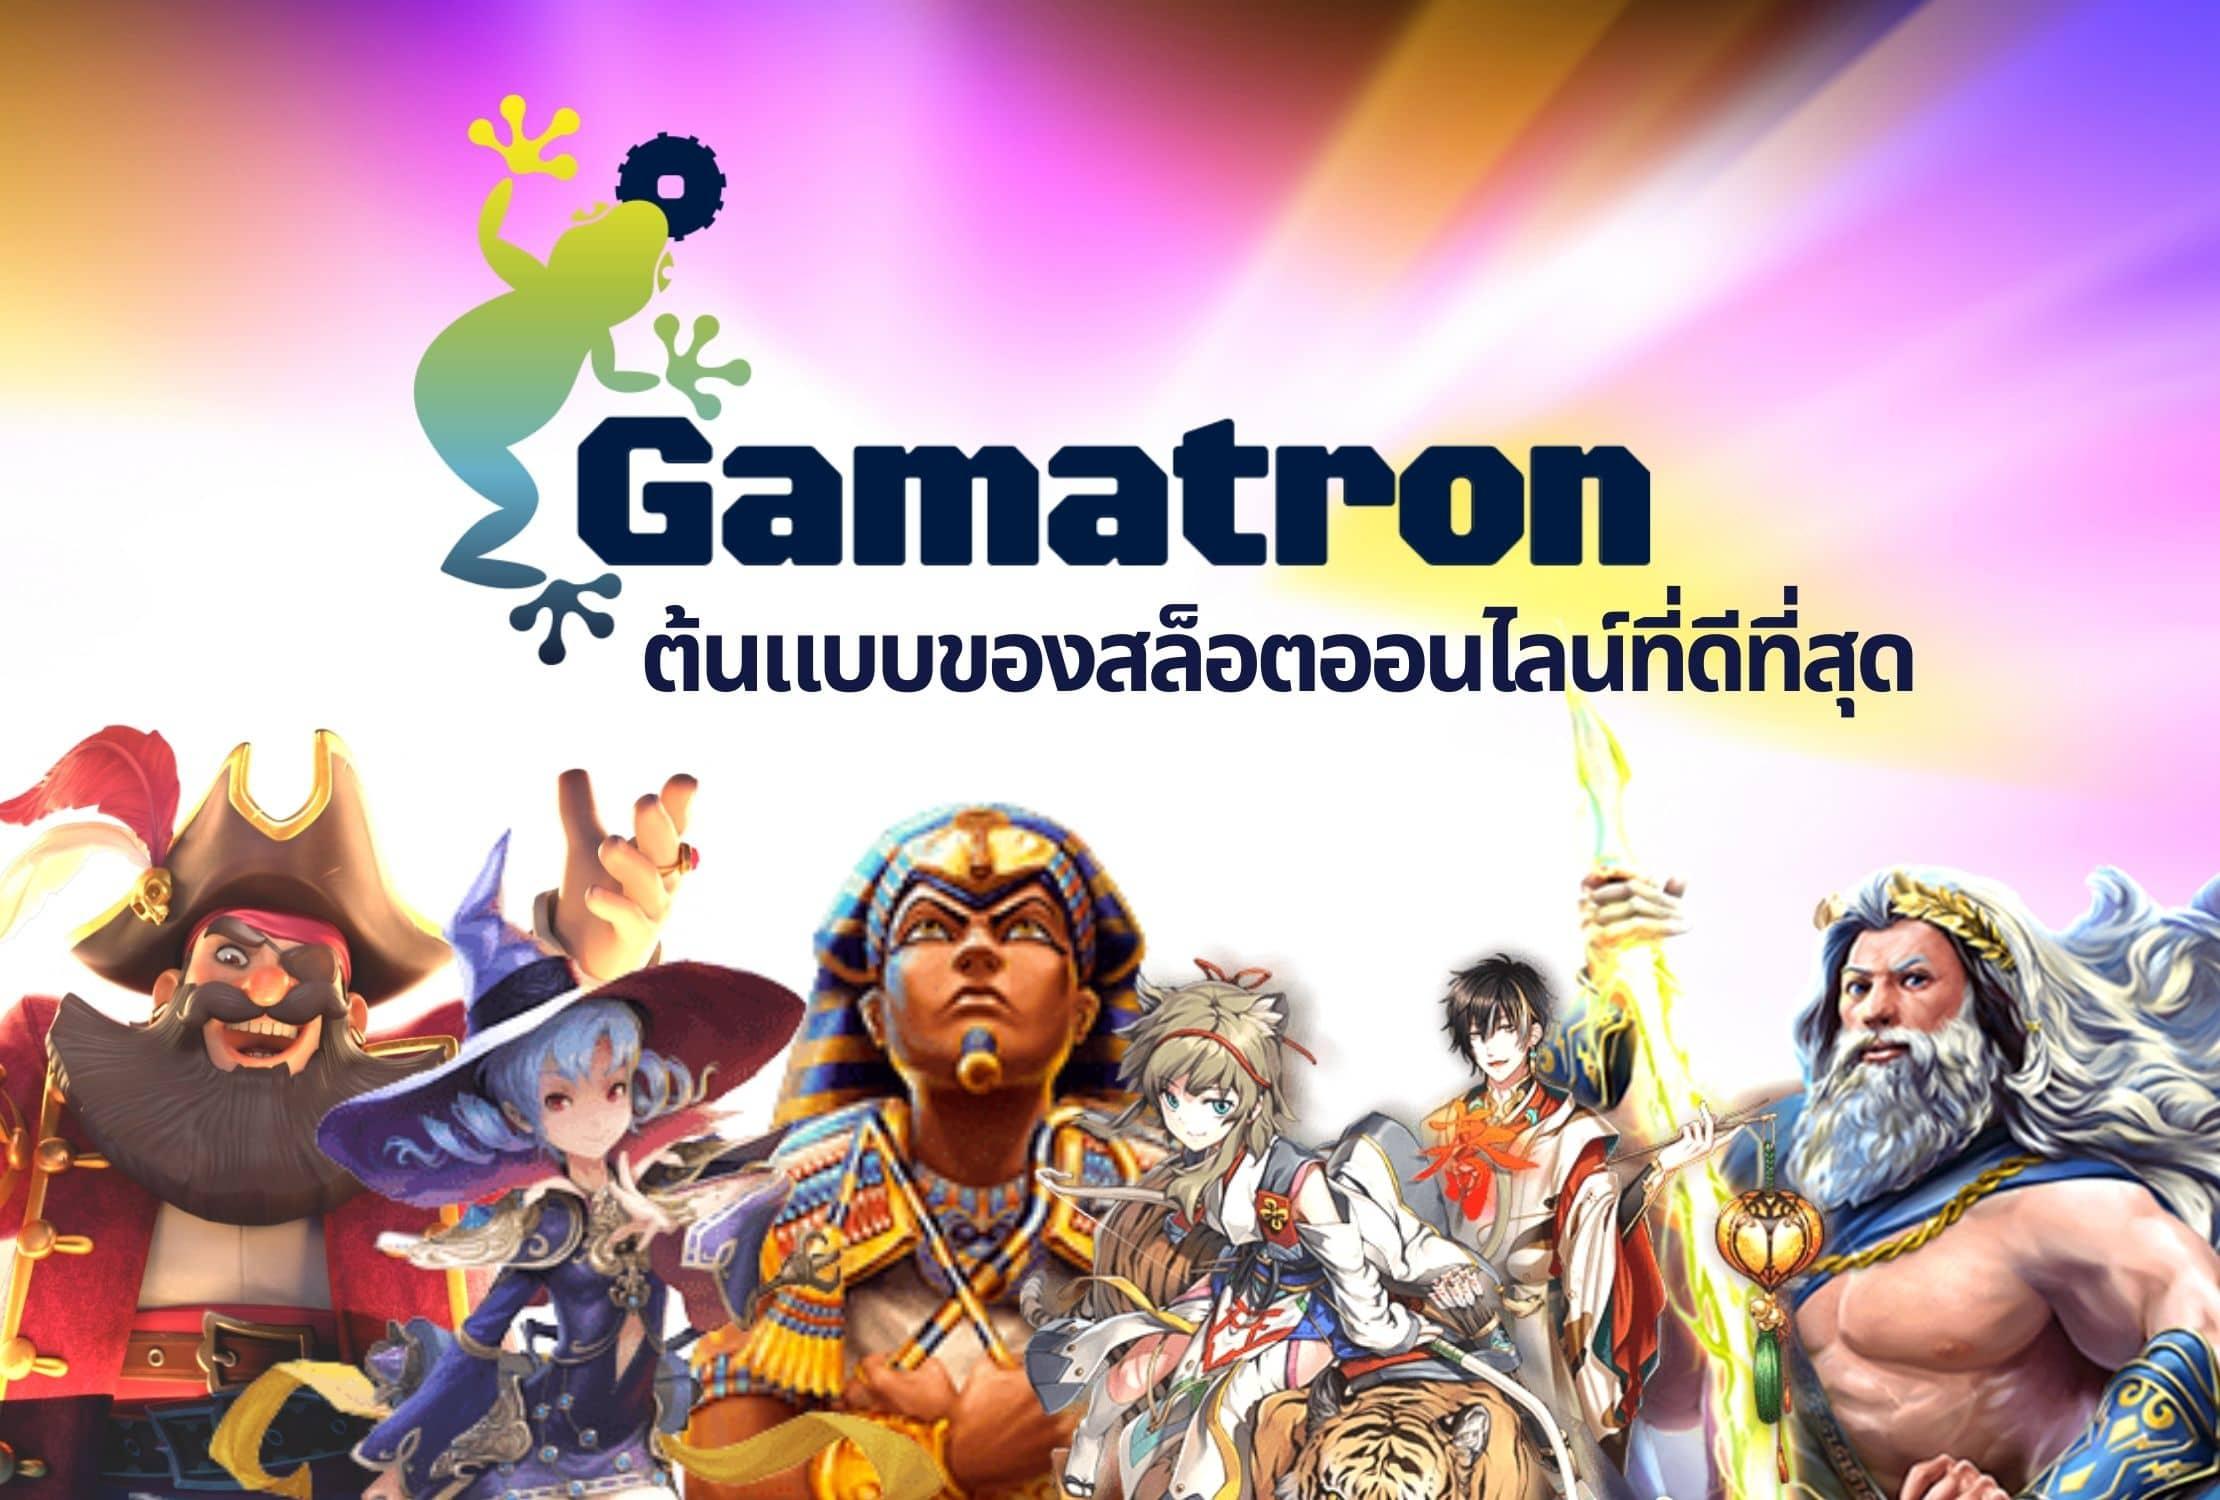 Gamatron สล็อตออนไลน์ ค่ายเกม